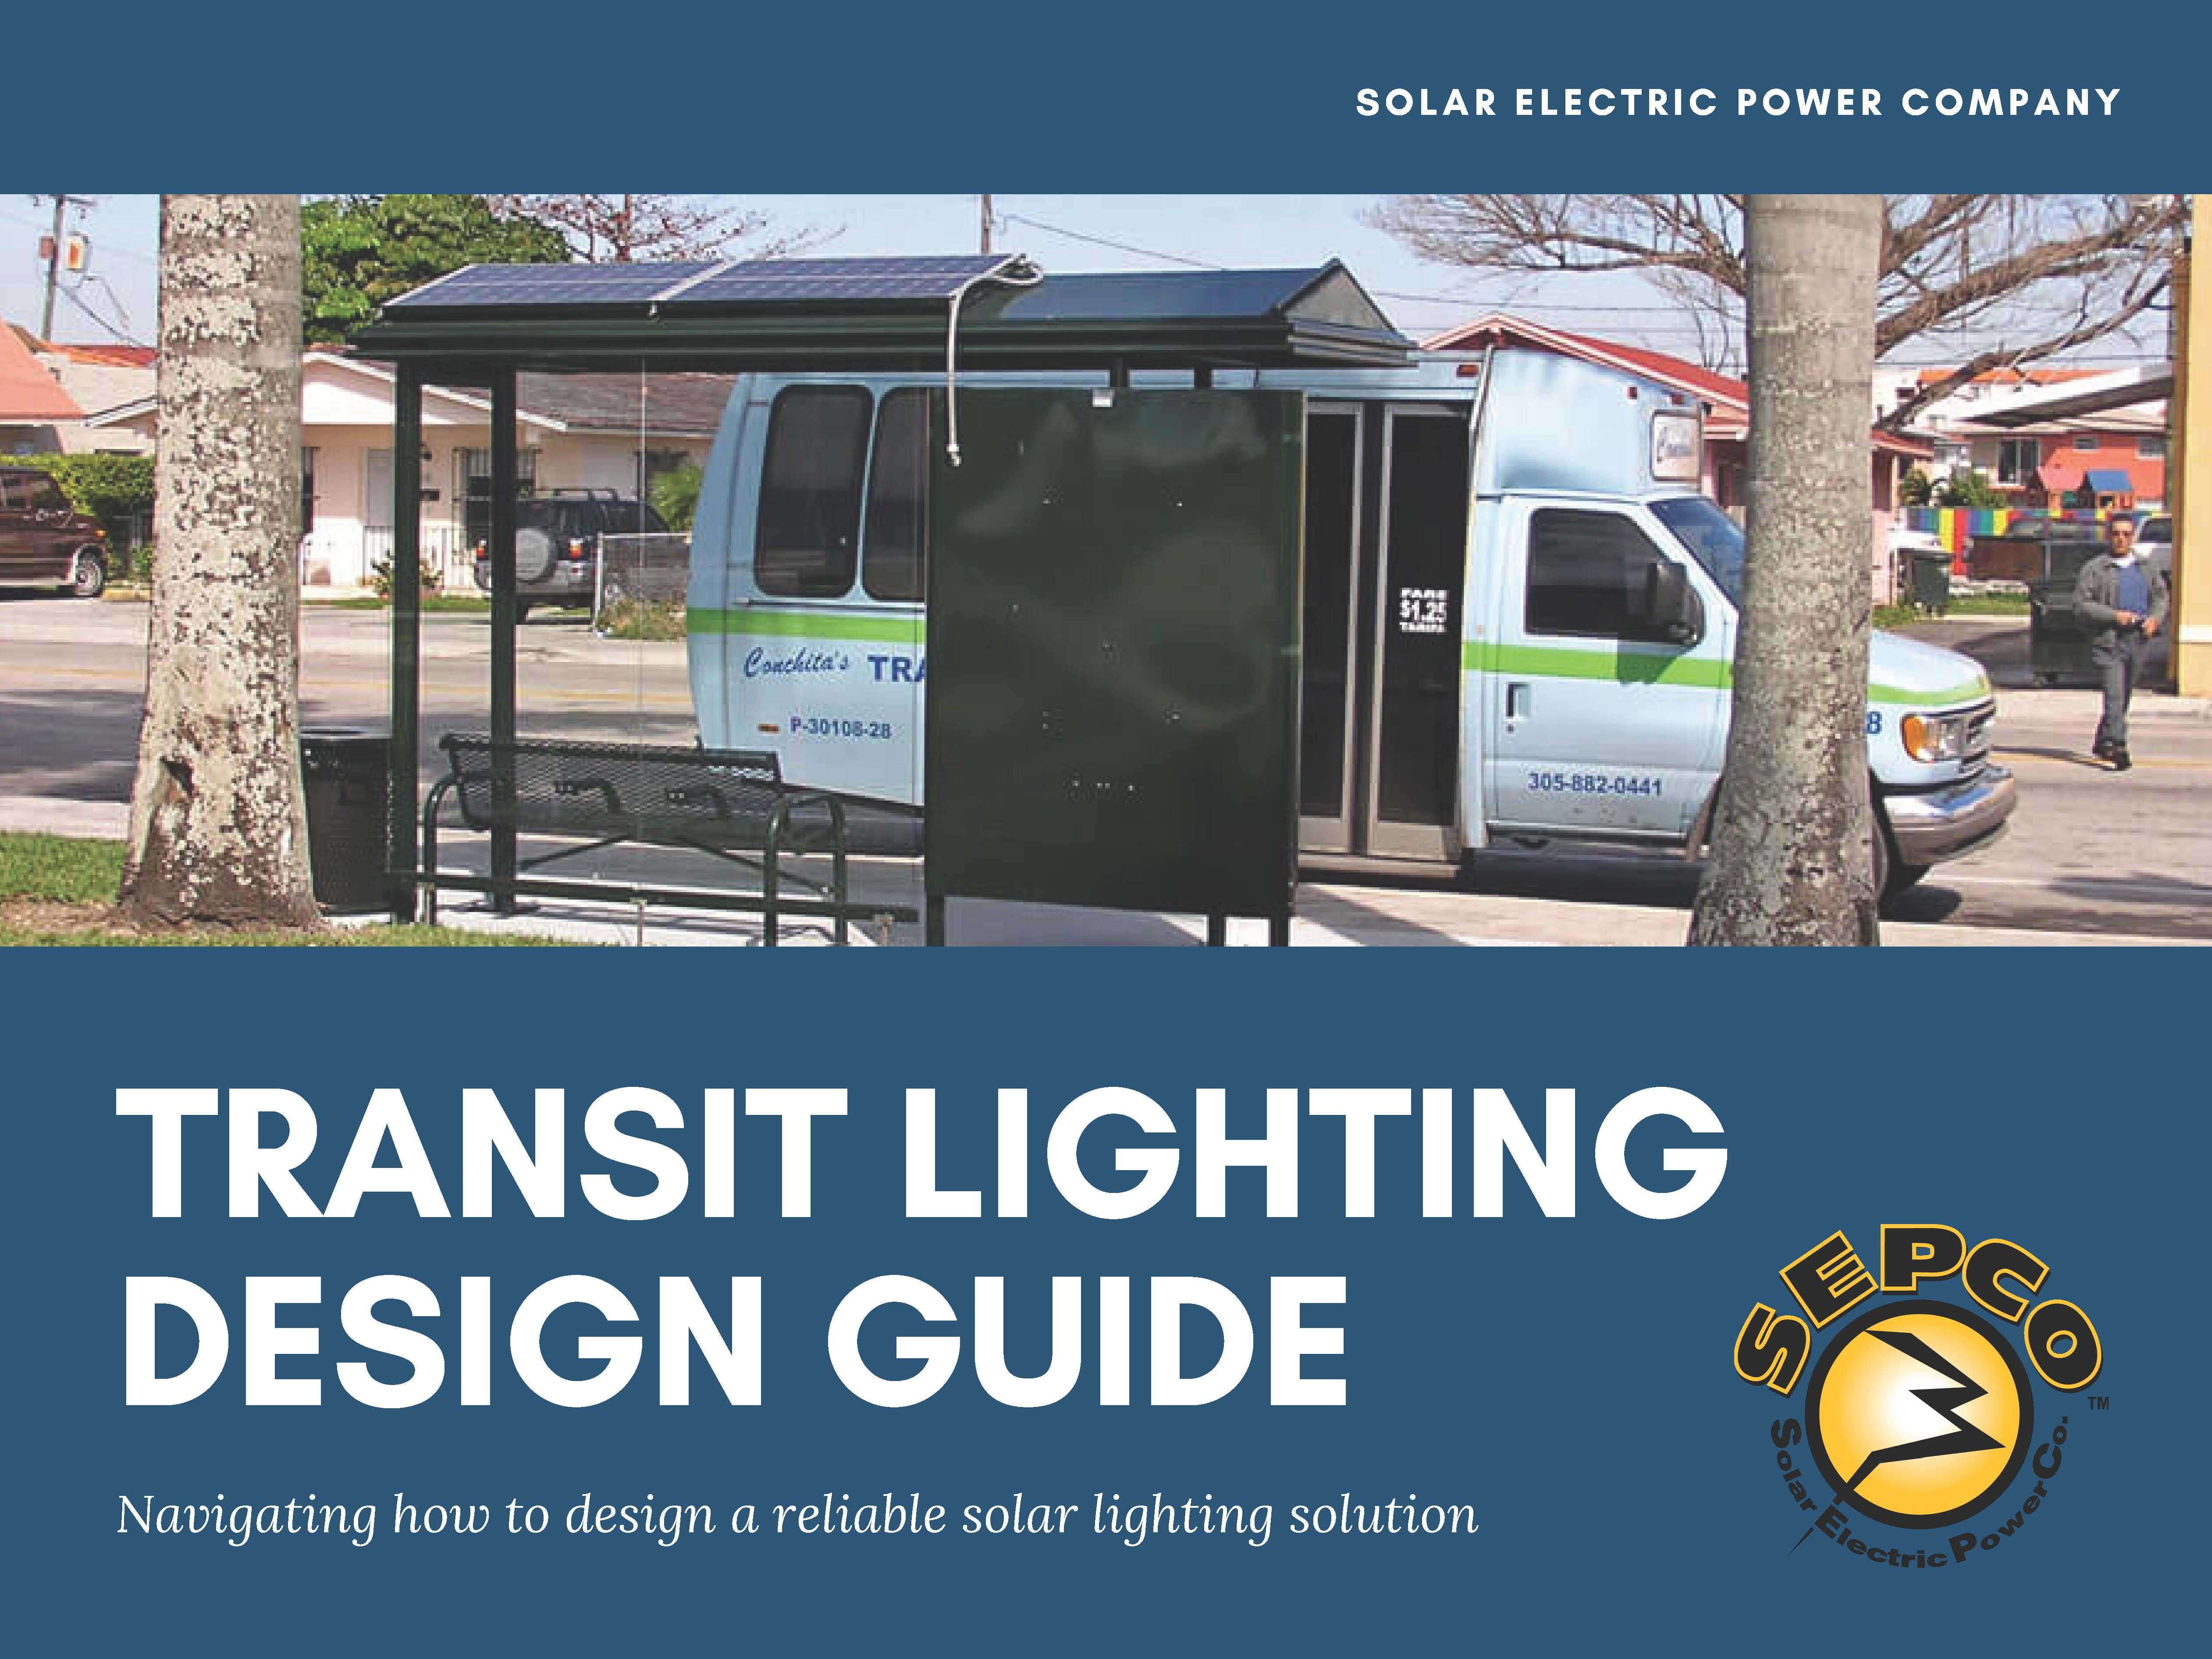 Transit Lighting Design Guide